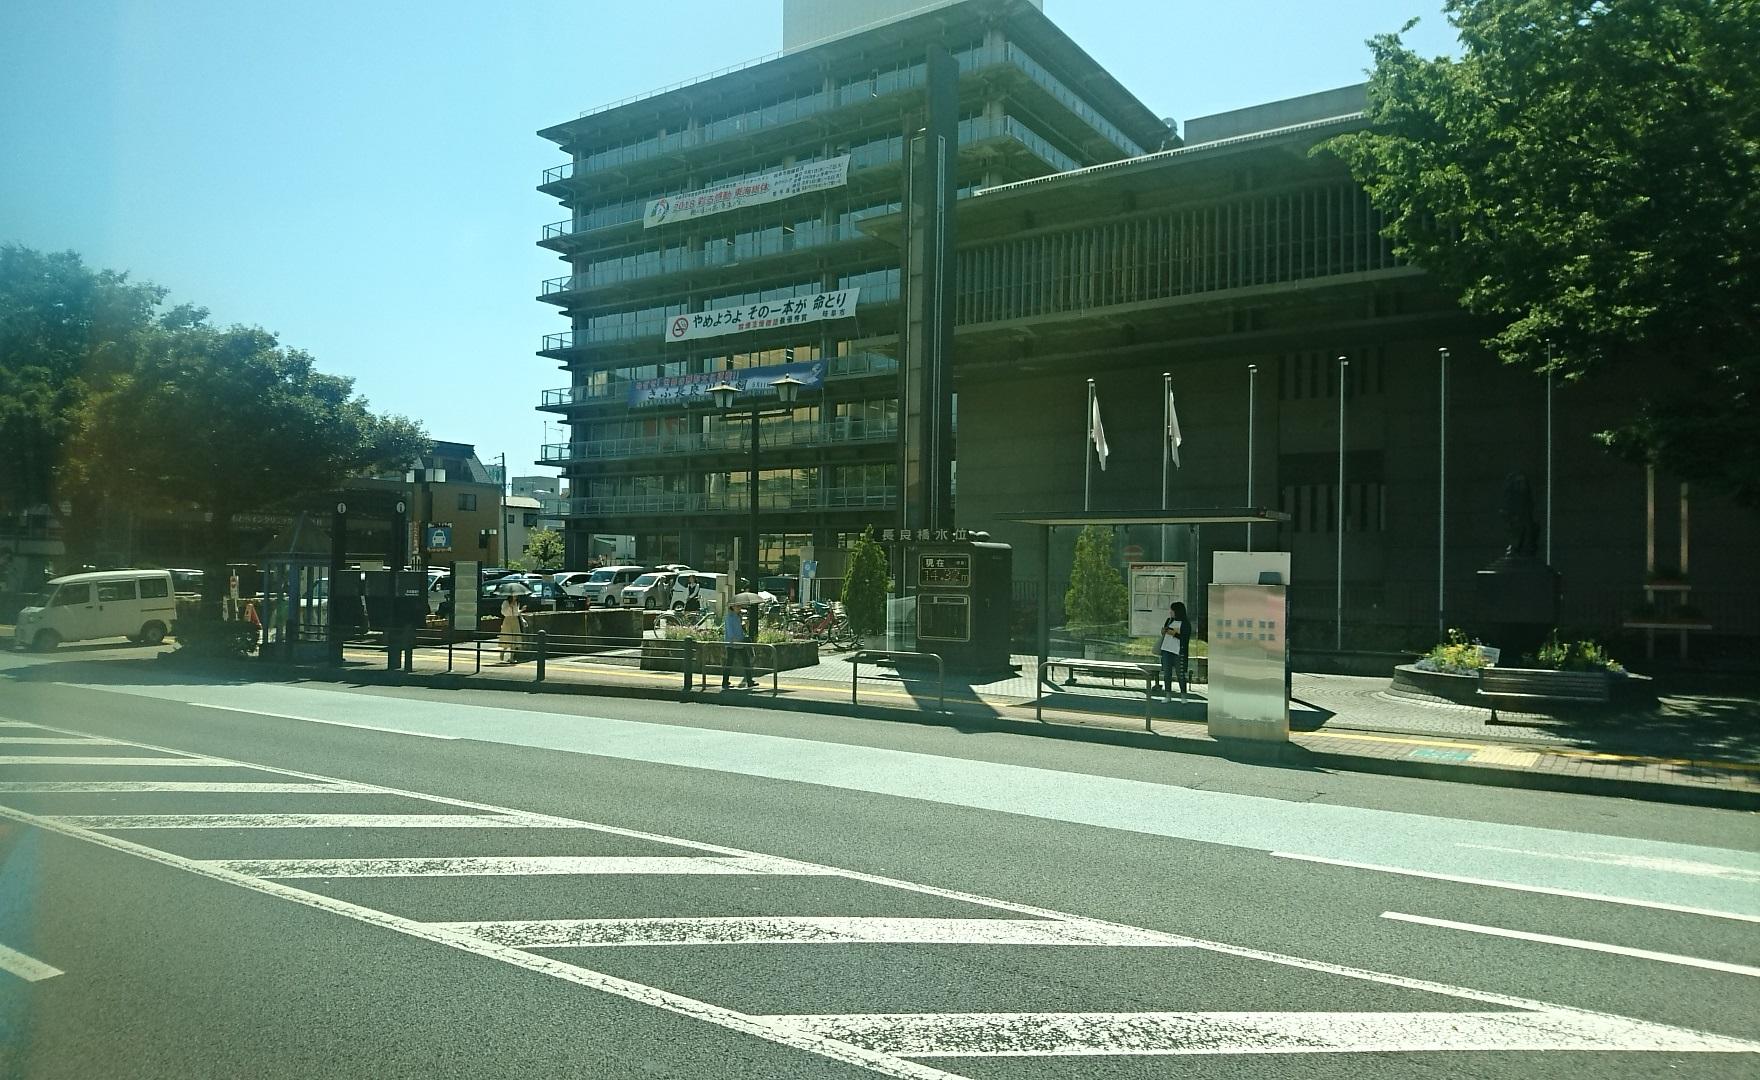 2018.6.1 岐阜 (83) 西鏡島いきバス - 岐阜市役所前バス停(はんたい) 1760-1080